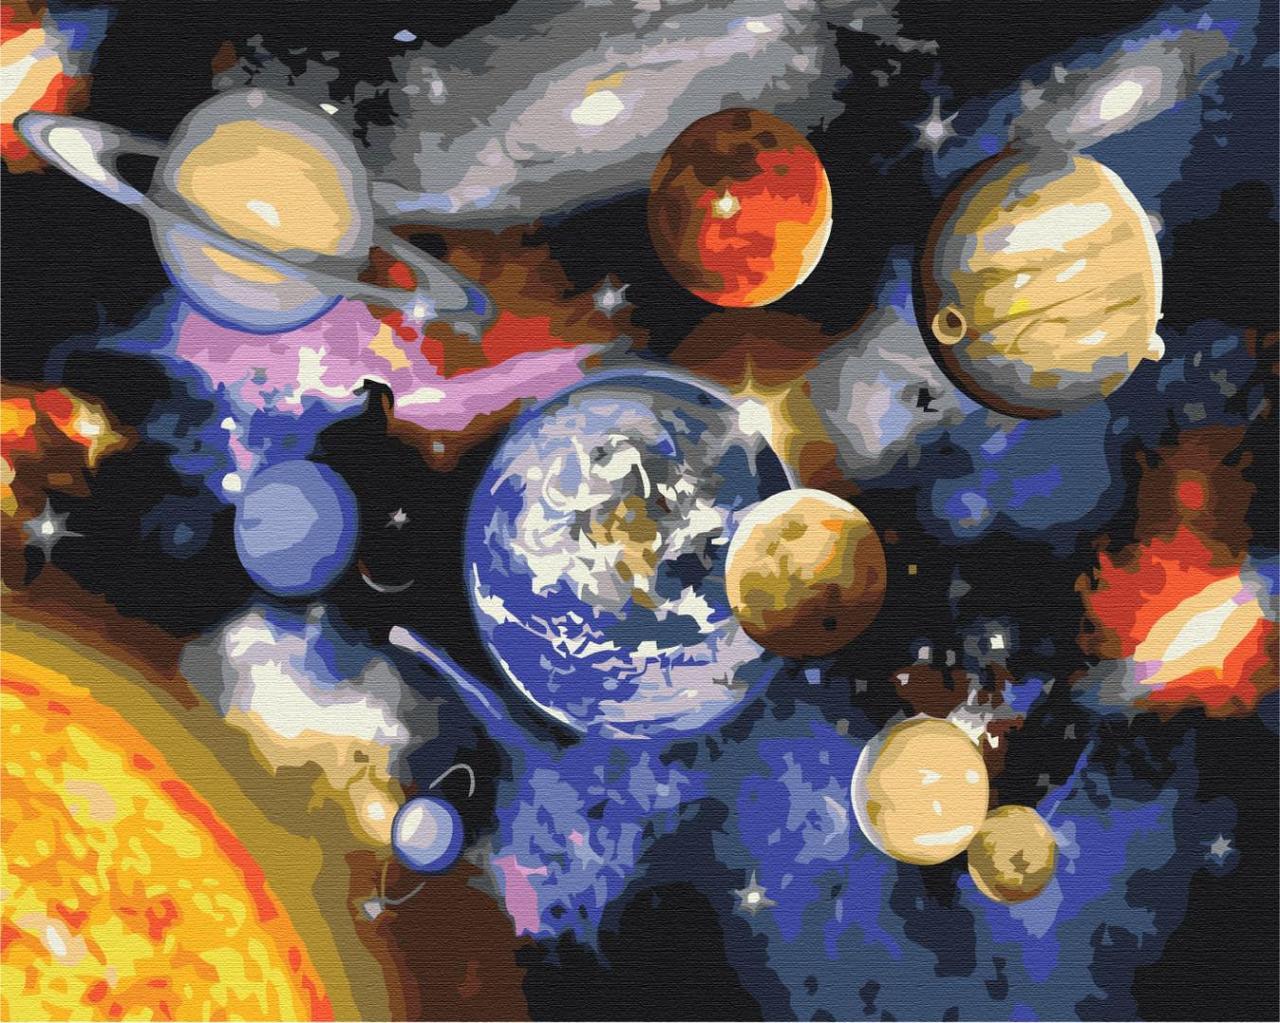 Картина малювання за номерами Парад планет BS22268 40х50см розпис по цифрам набір для малювання, полотно,